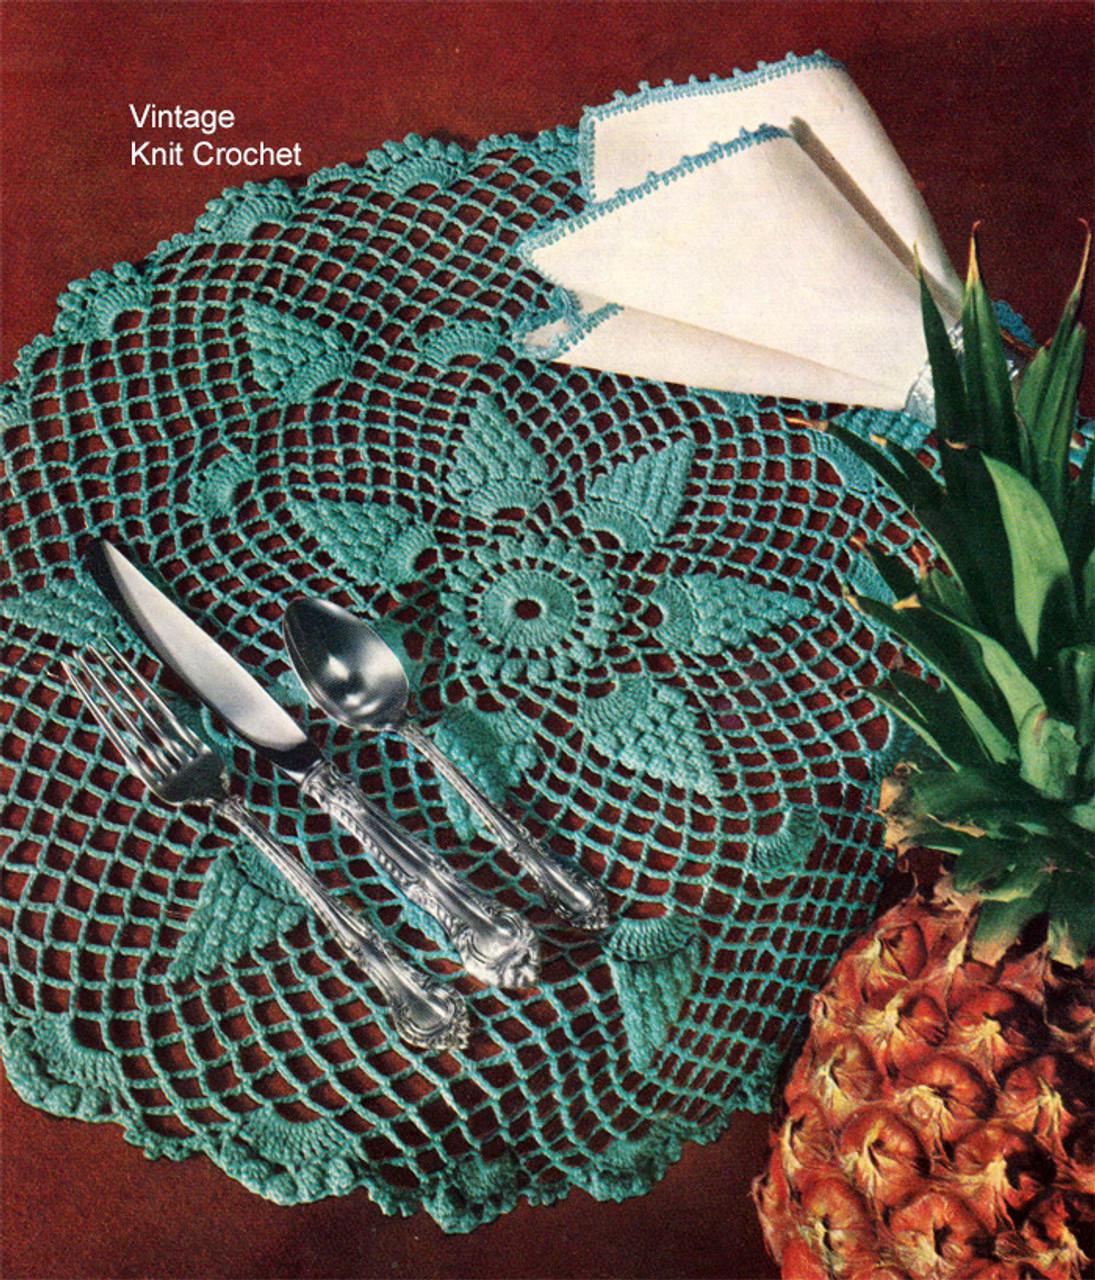 Crochet Pineapple Mats Pattern, Luncheon Set